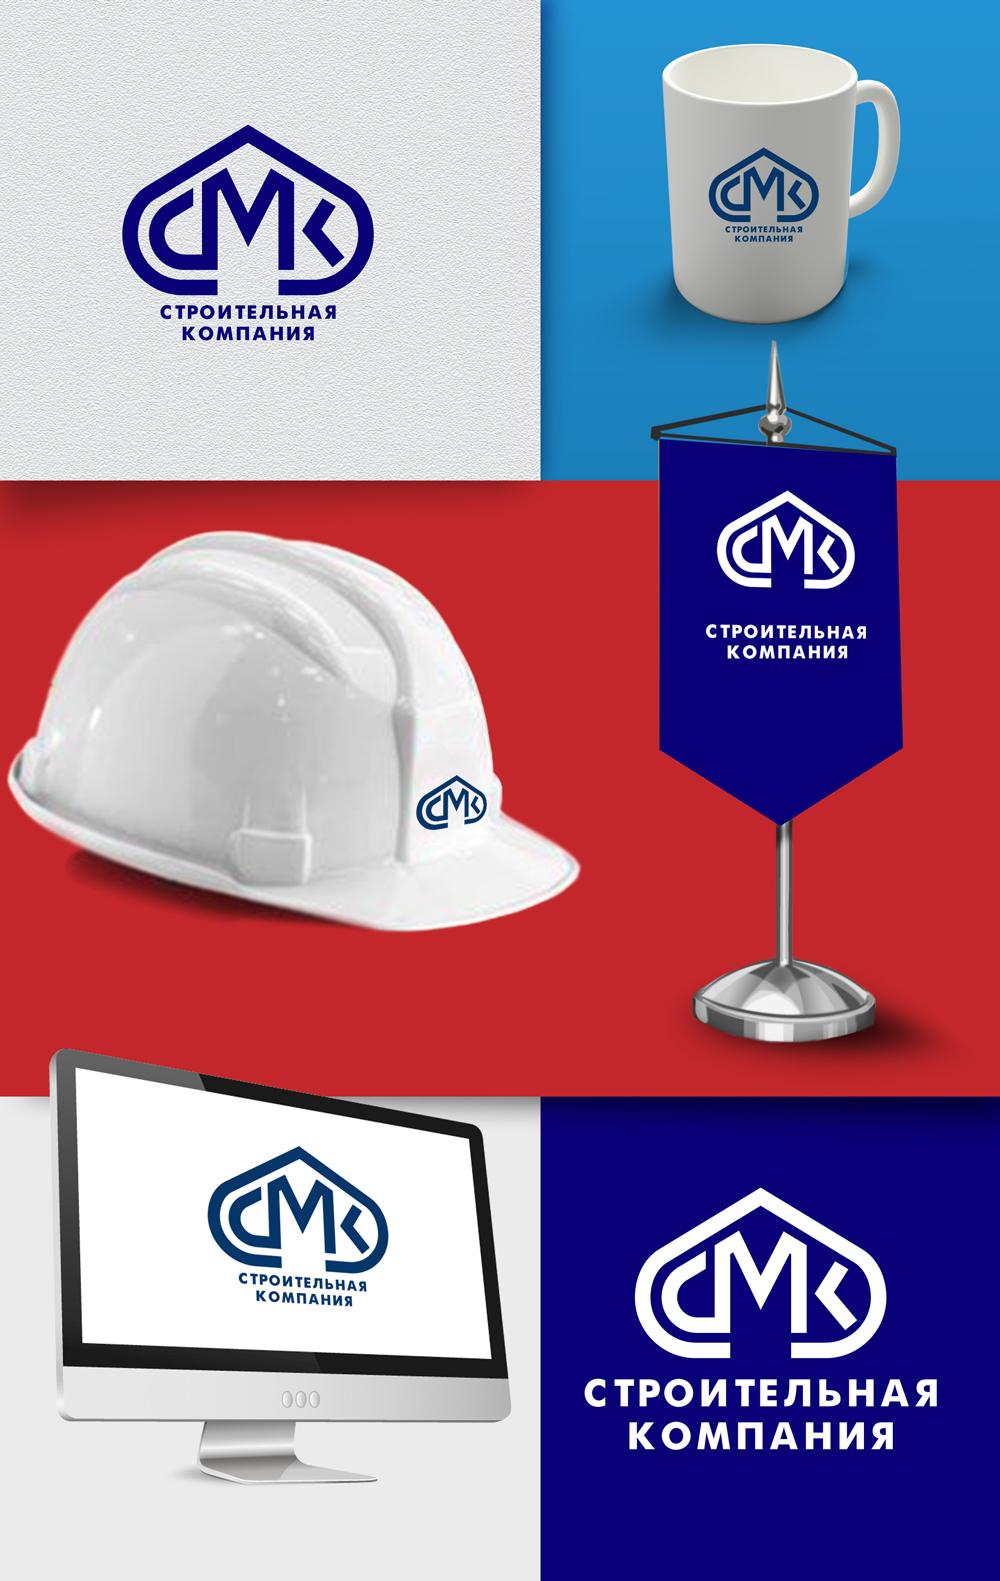 Разработка логотипа компании фото f_2705dc700ed322a5.jpg